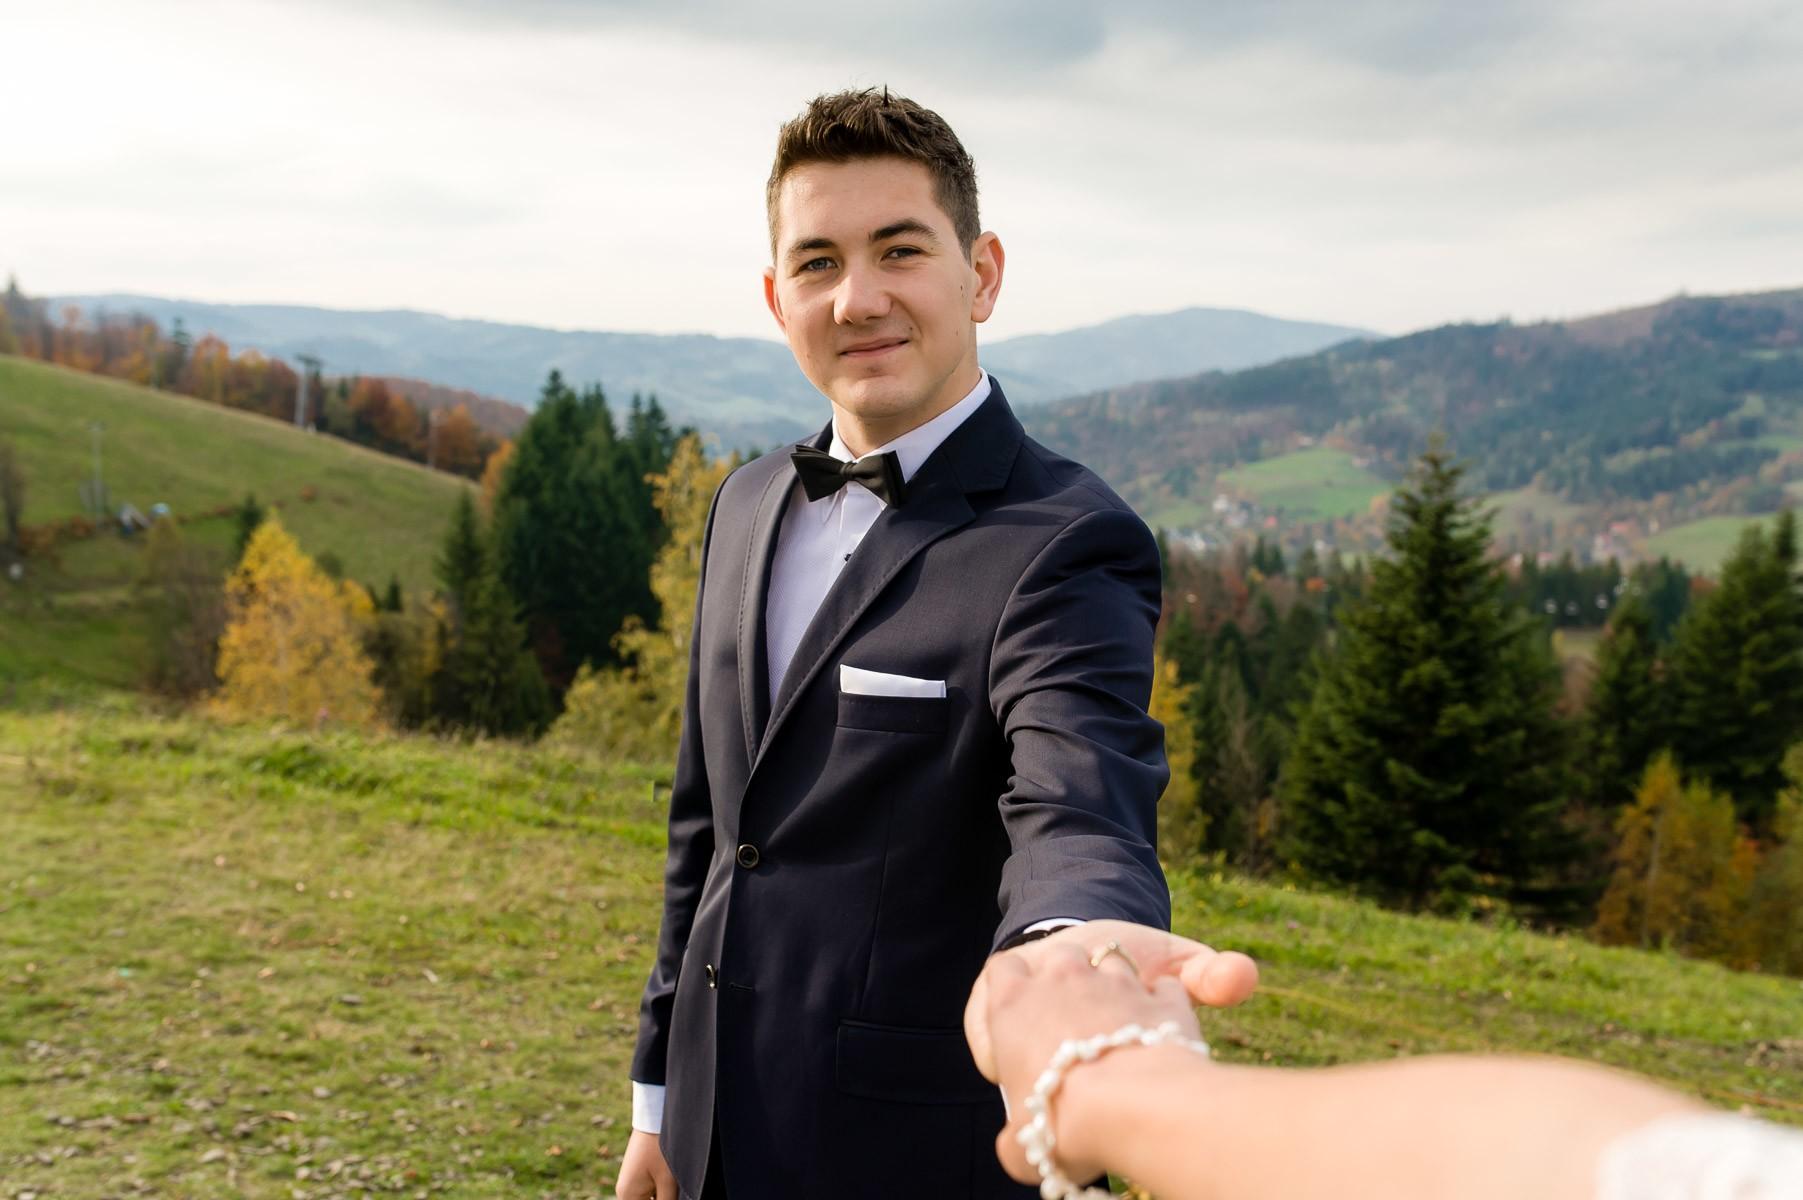 sala na skarpie fotograf slubny slask malopolska adam pietrusiak plener slubny w gorach jw wedding 179